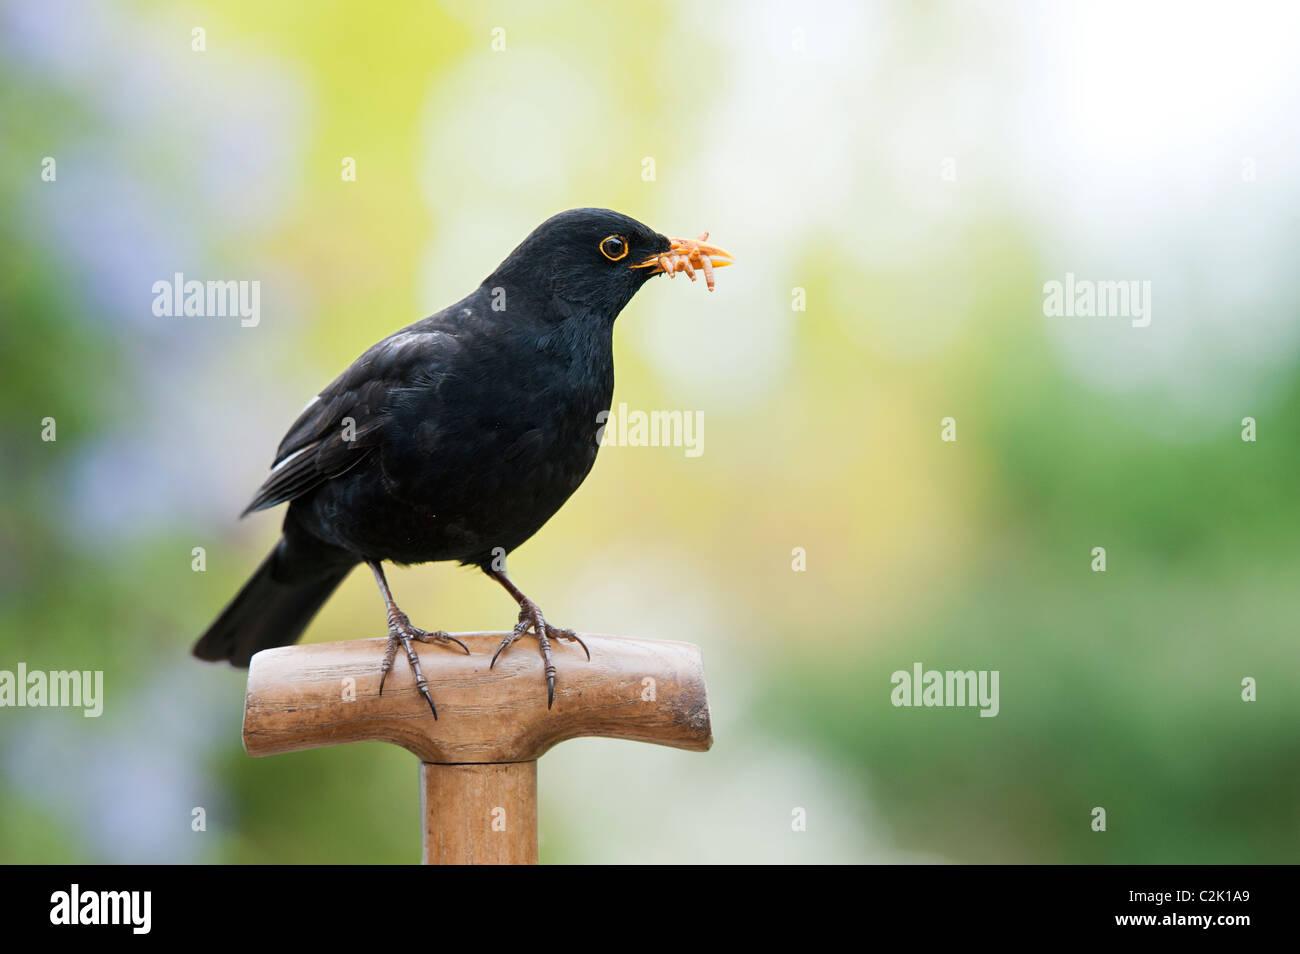 Blackbird con gusanos en una horquilla manejar Imagen De Stock